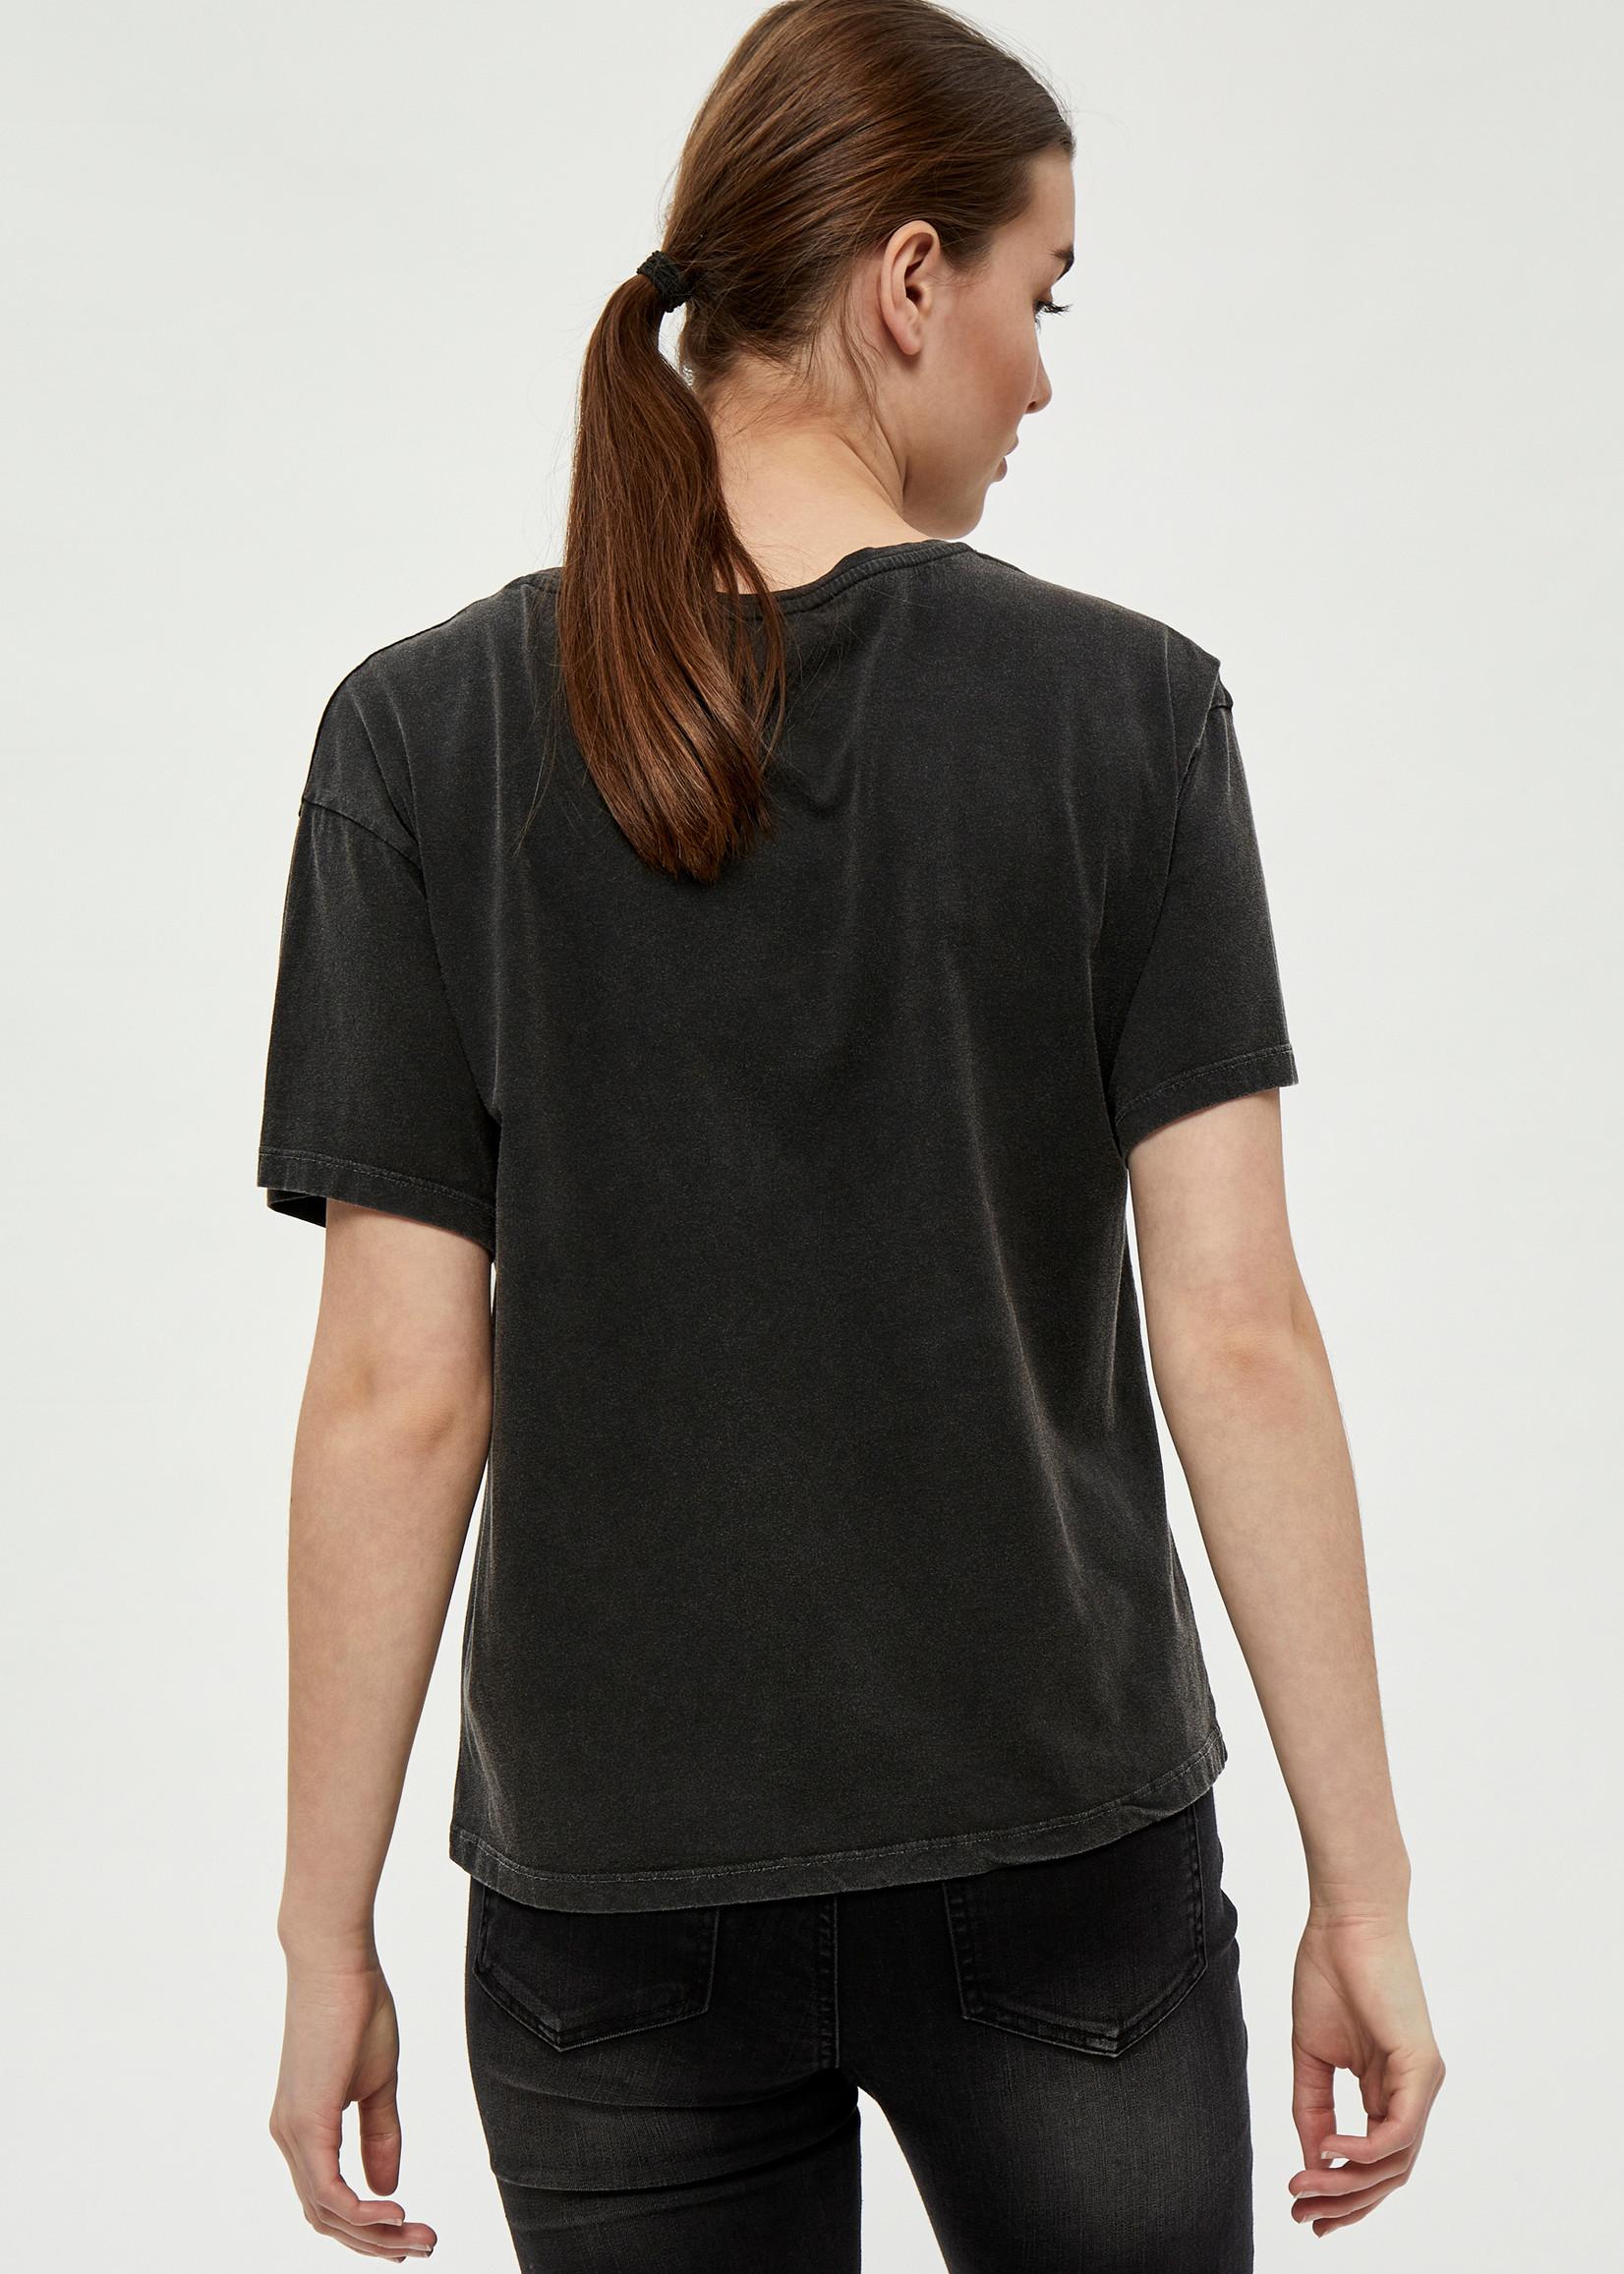 Desires Desires Gal T-shirt